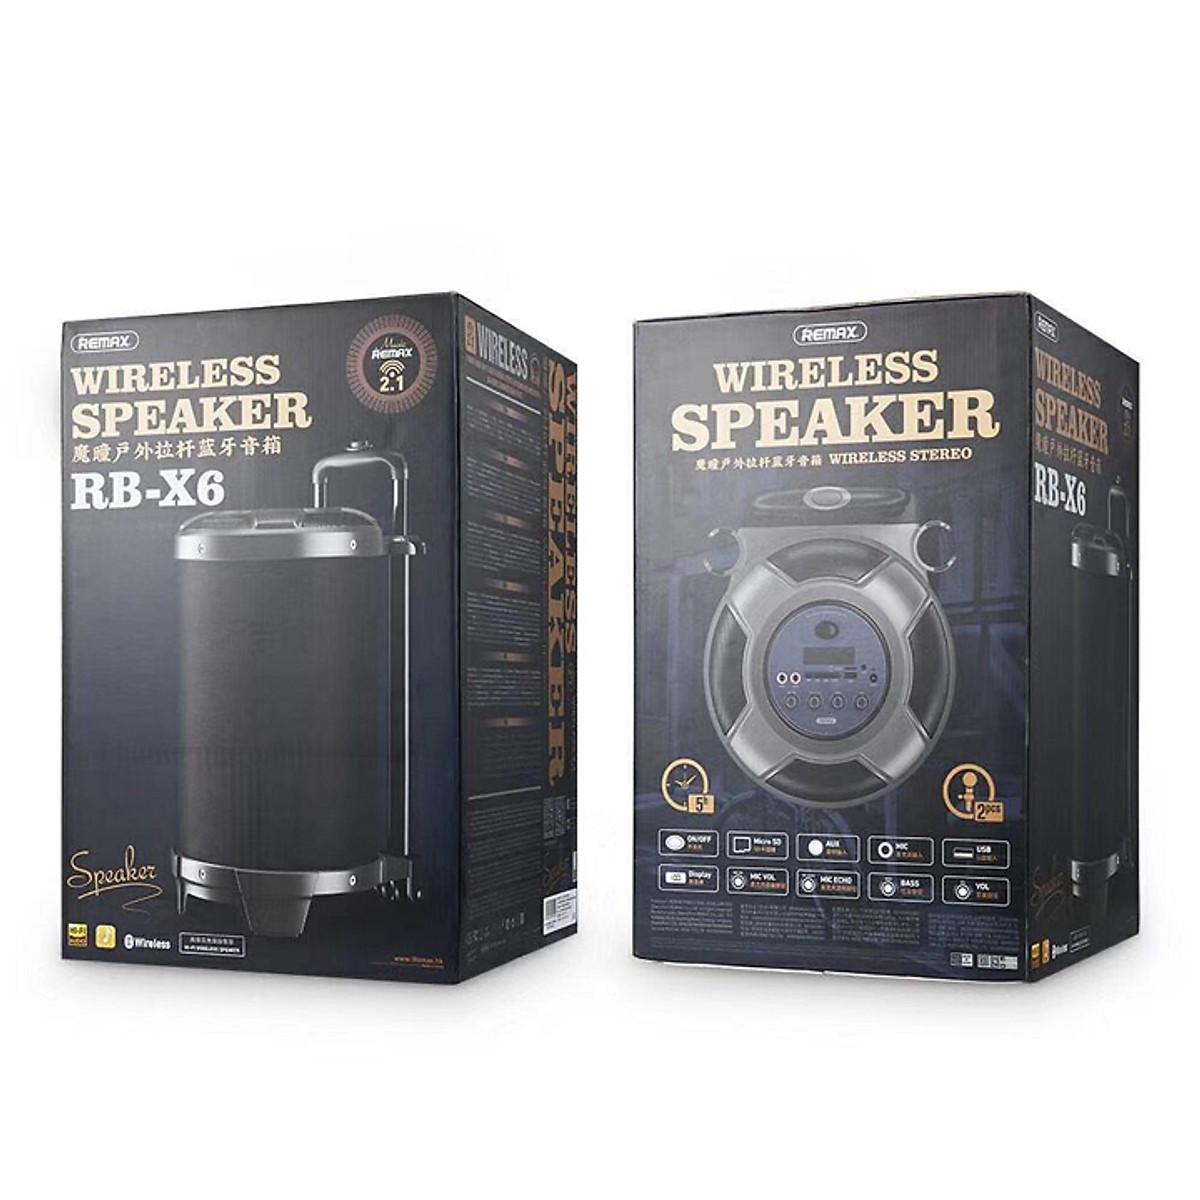 Loa Kéo Karaoke Remax RB-X6 công suất 50W tích hợp 2 micro không dây - Hàng  nhập khẩu | Nhất Tín Computer (TpHCM)